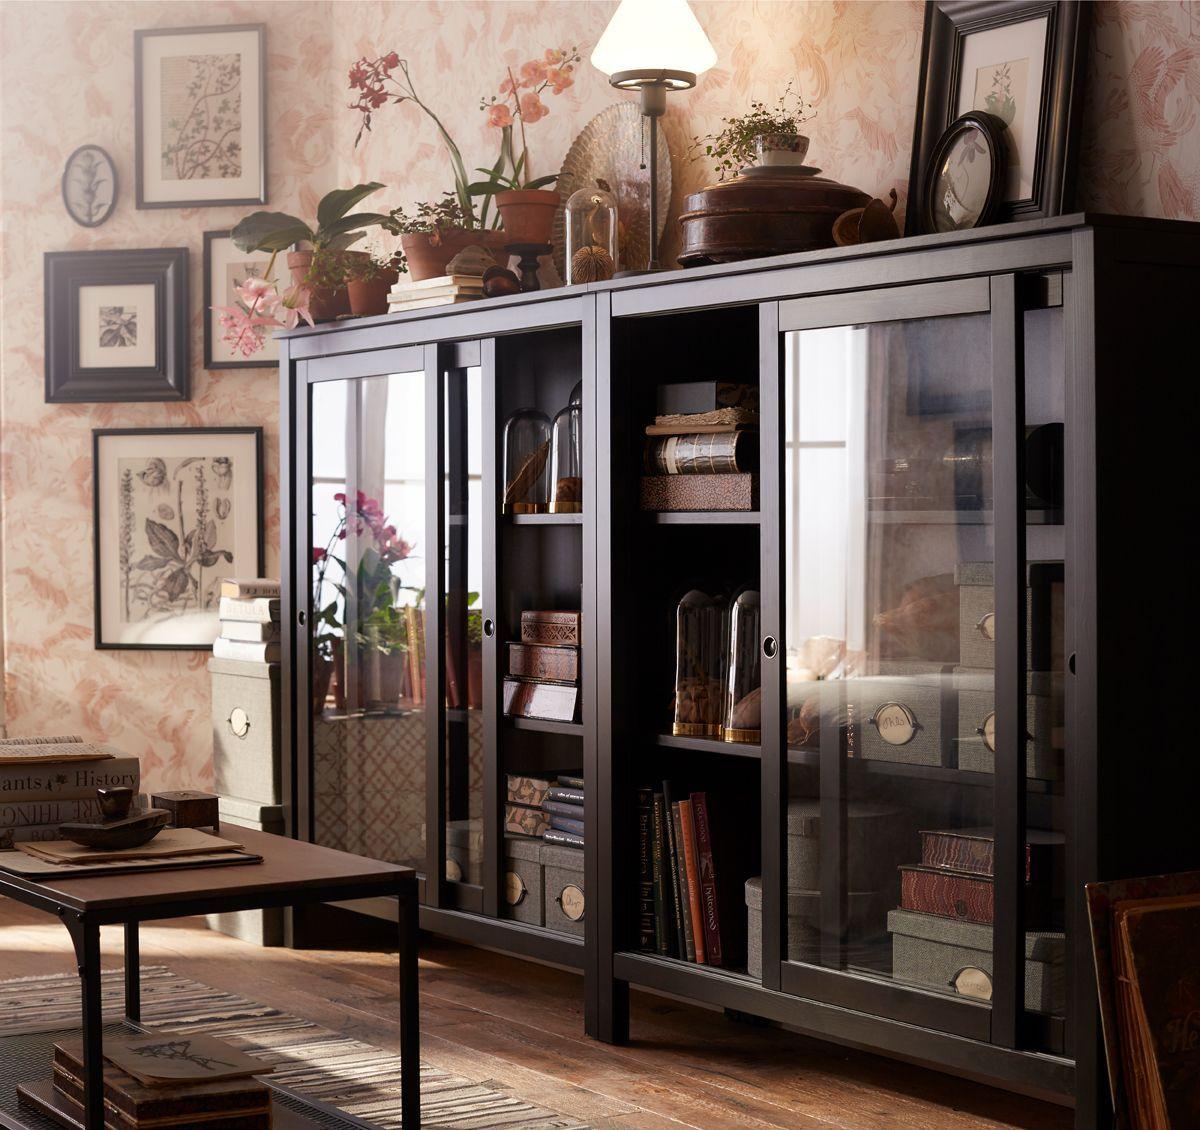 Diese Ikea Hemnes Vitrine In Schwarzbraun Aus Massivholz Mit Glasschiebeturen Ist Ideal Um Dein Glass Cabinet Doors Wall Cabinets Living Room Ikea Living Room